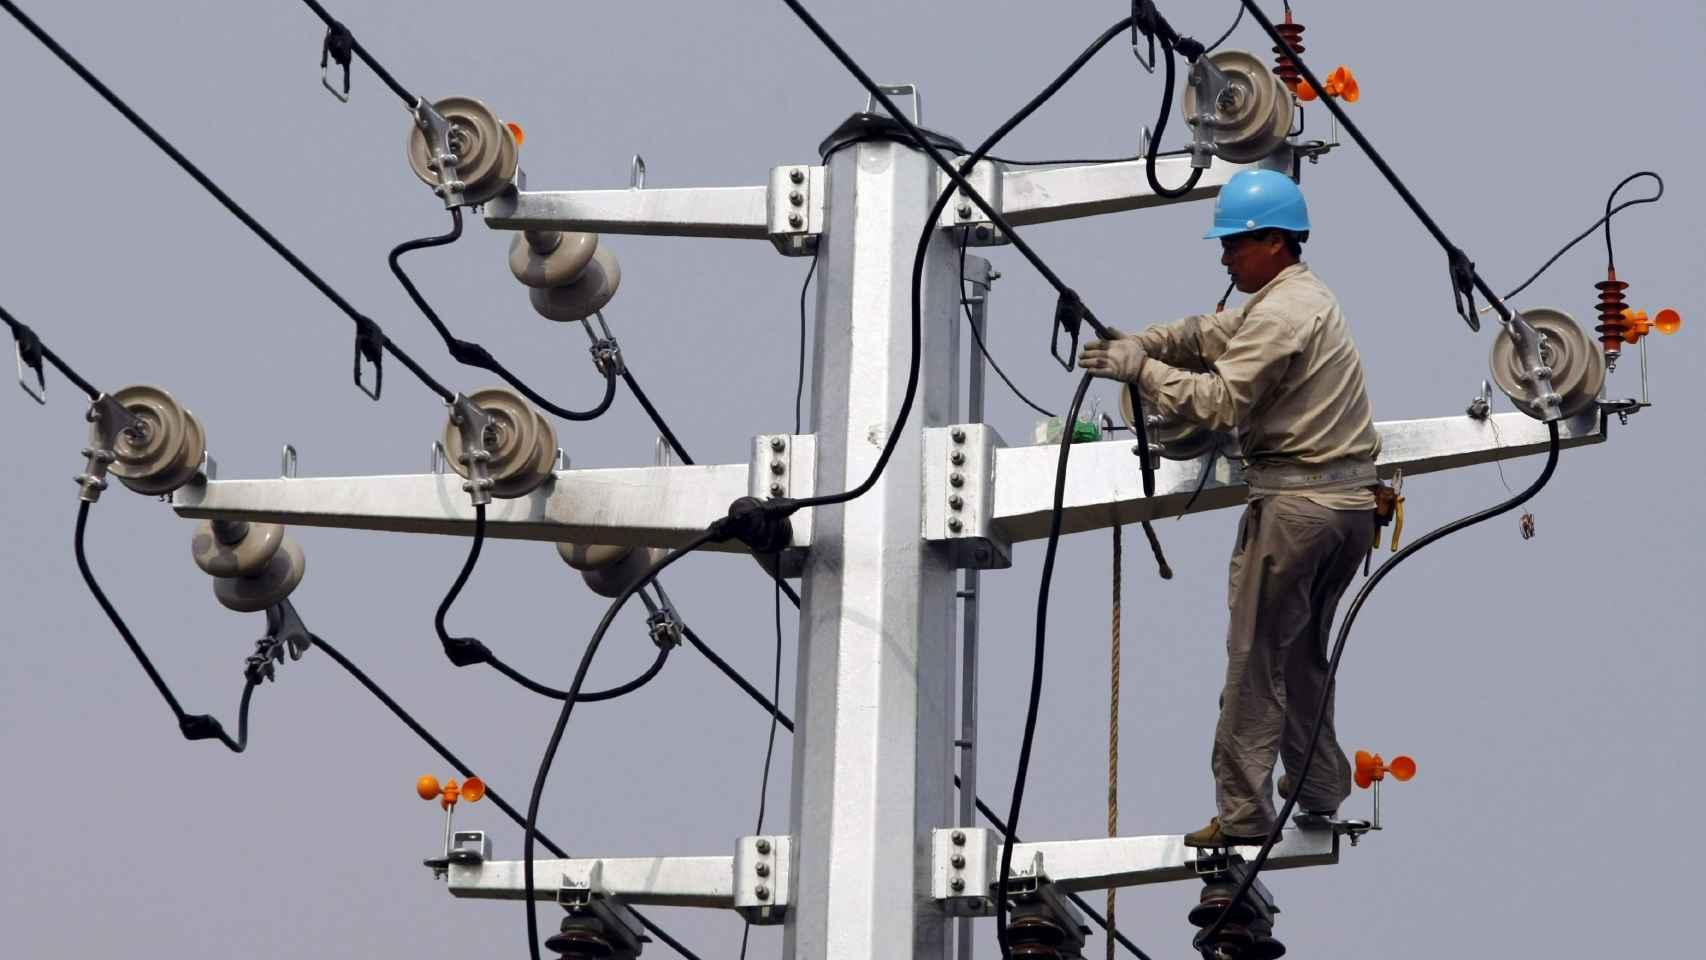 Un operario trabaja en una torre de electricidad, en una imagen de archivo.